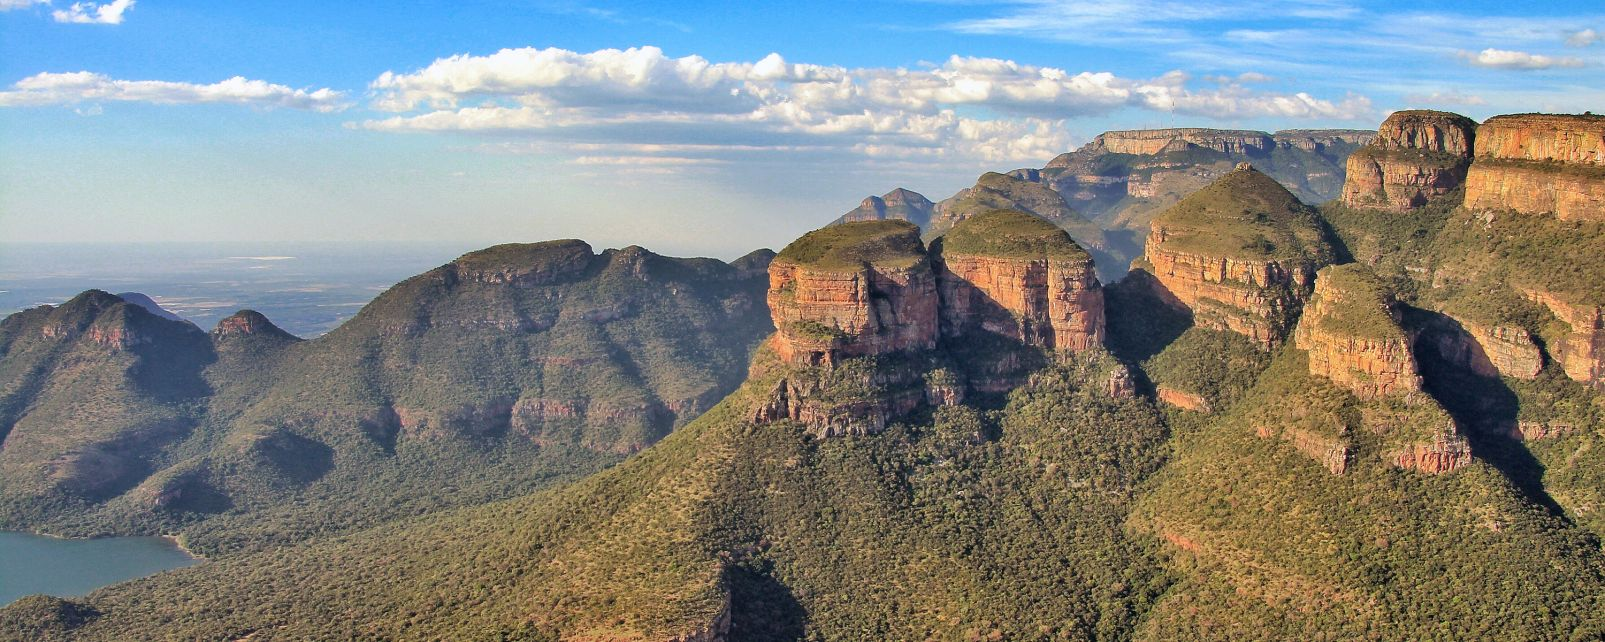 Der Norden Südafrikas, Der Norden, Die Landschaften, Südafrika